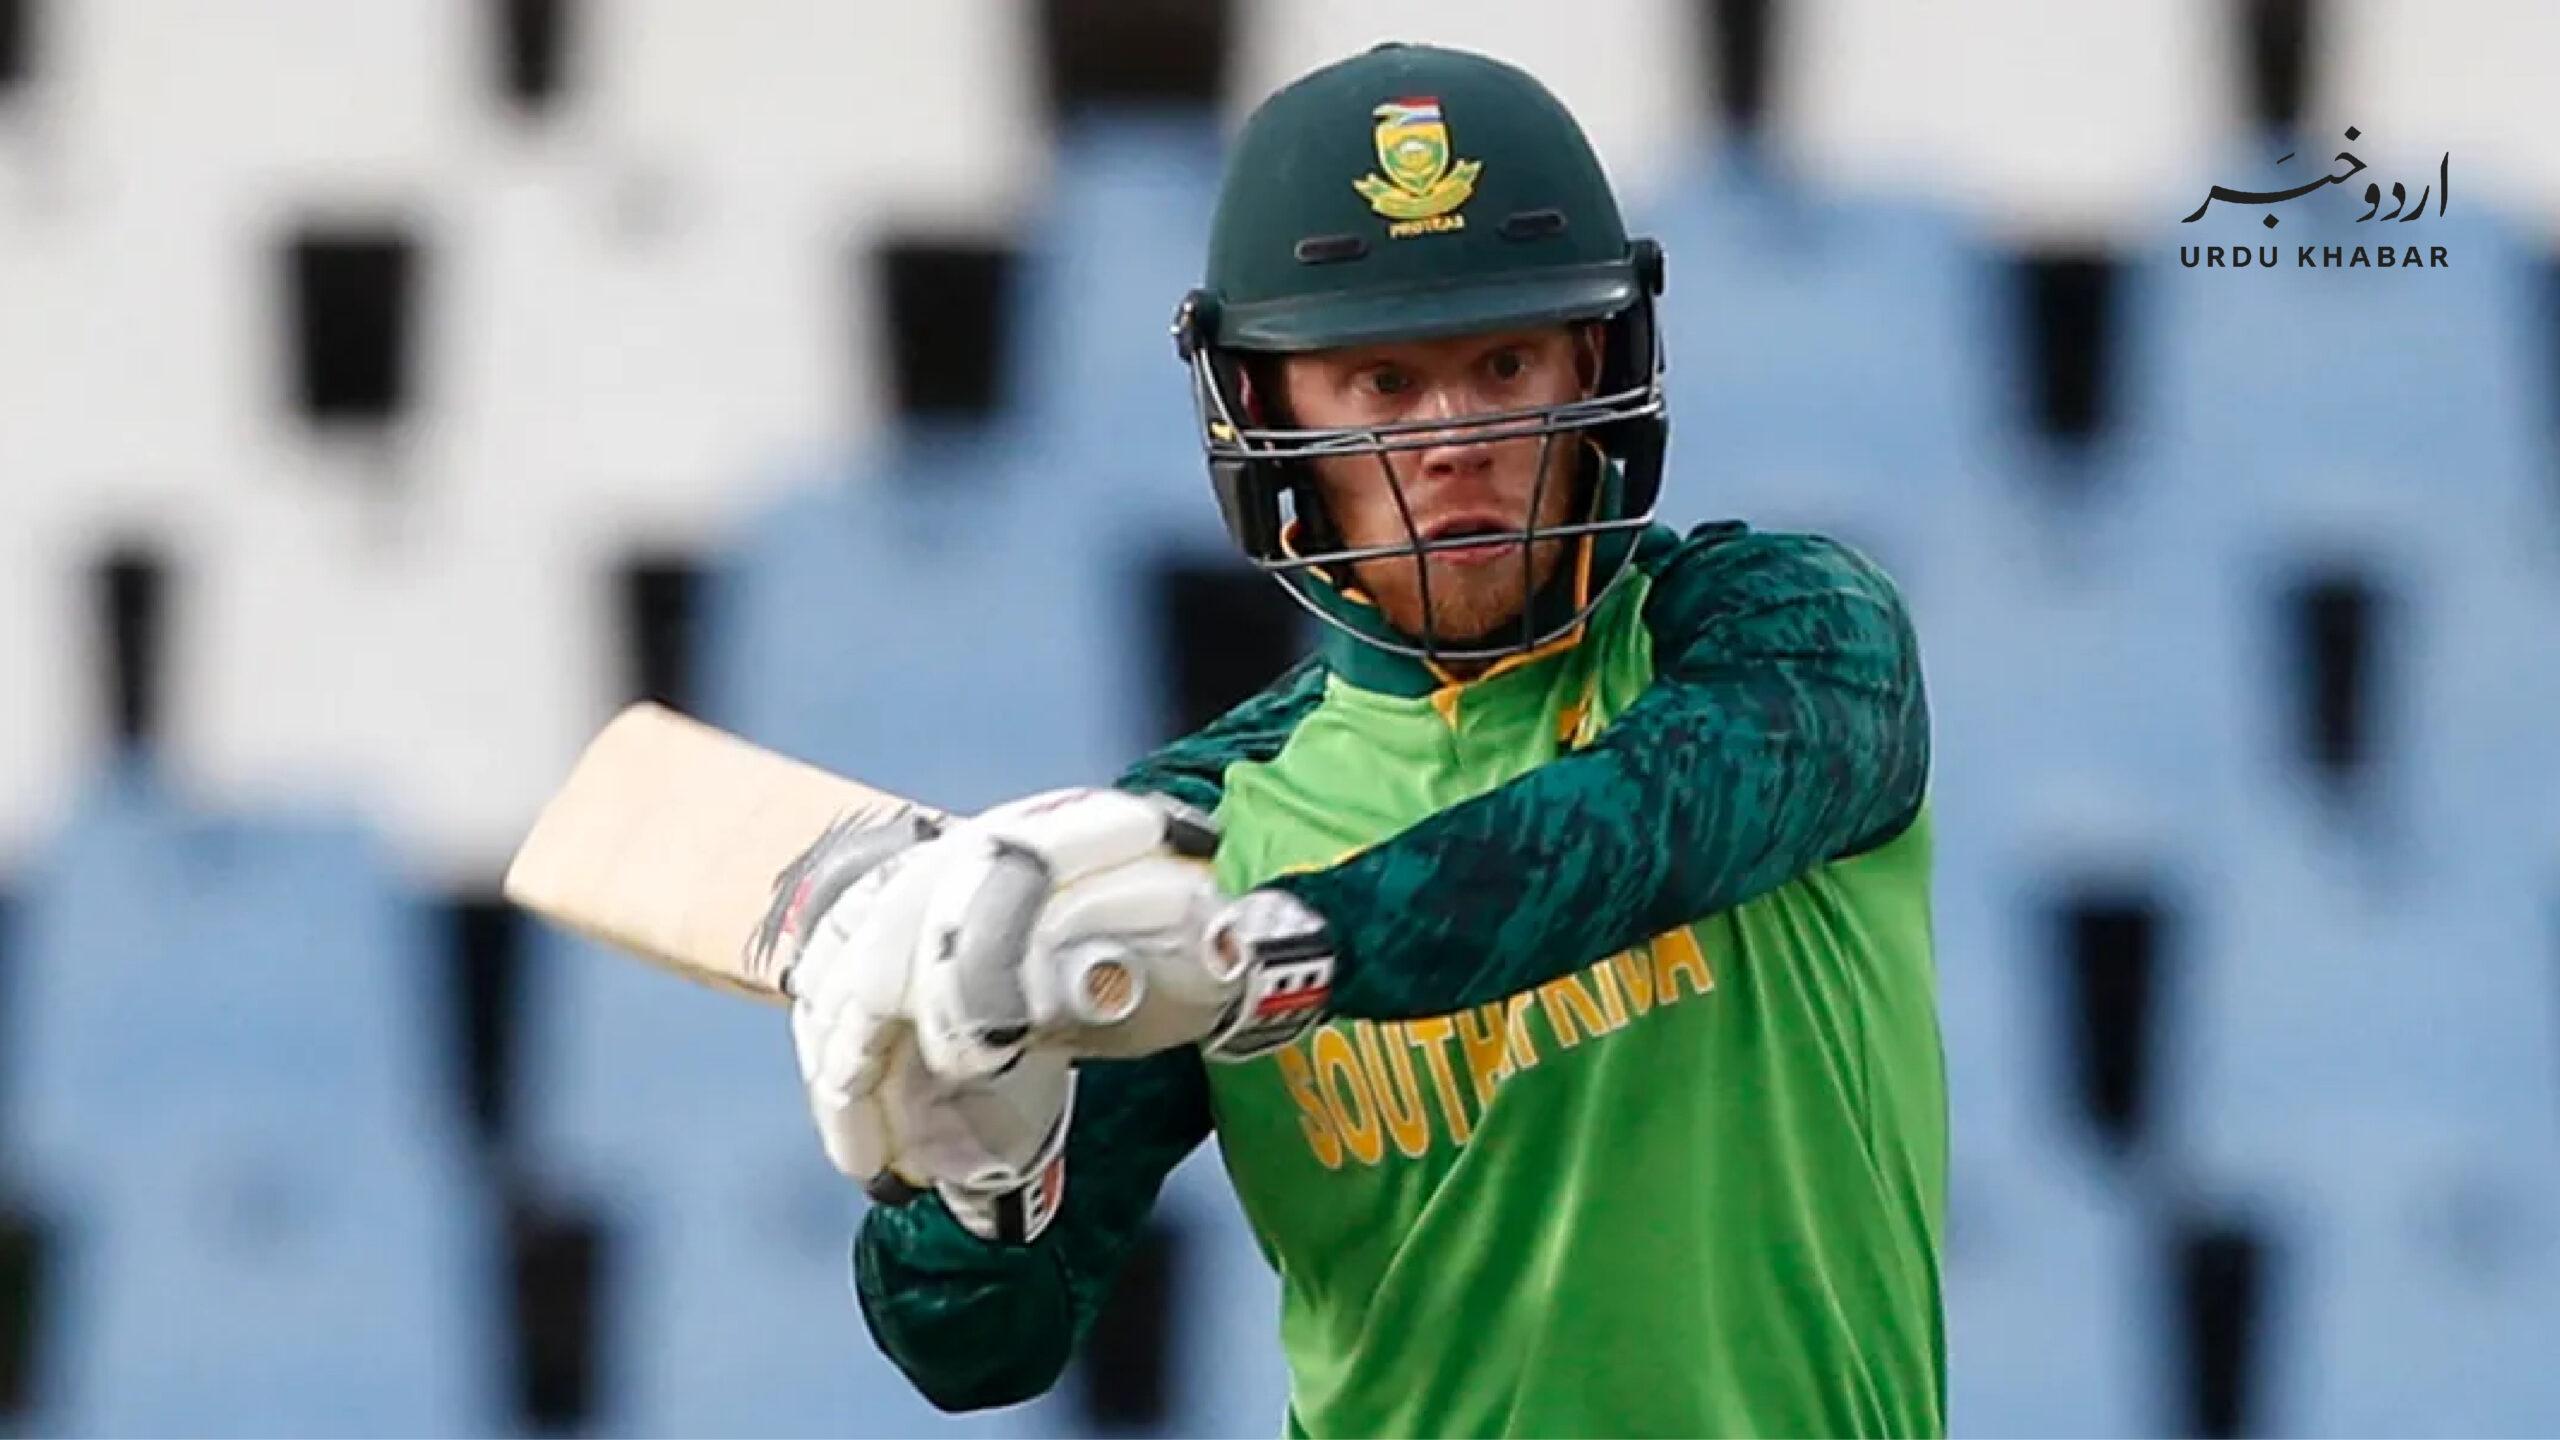 جنوبی افریقہ کے کھلاڑیوں کو پاکستان کے خلاف ٹی ٹونٹی سیریز میں سٹار بن کر ابھرنے کا موقع ملا